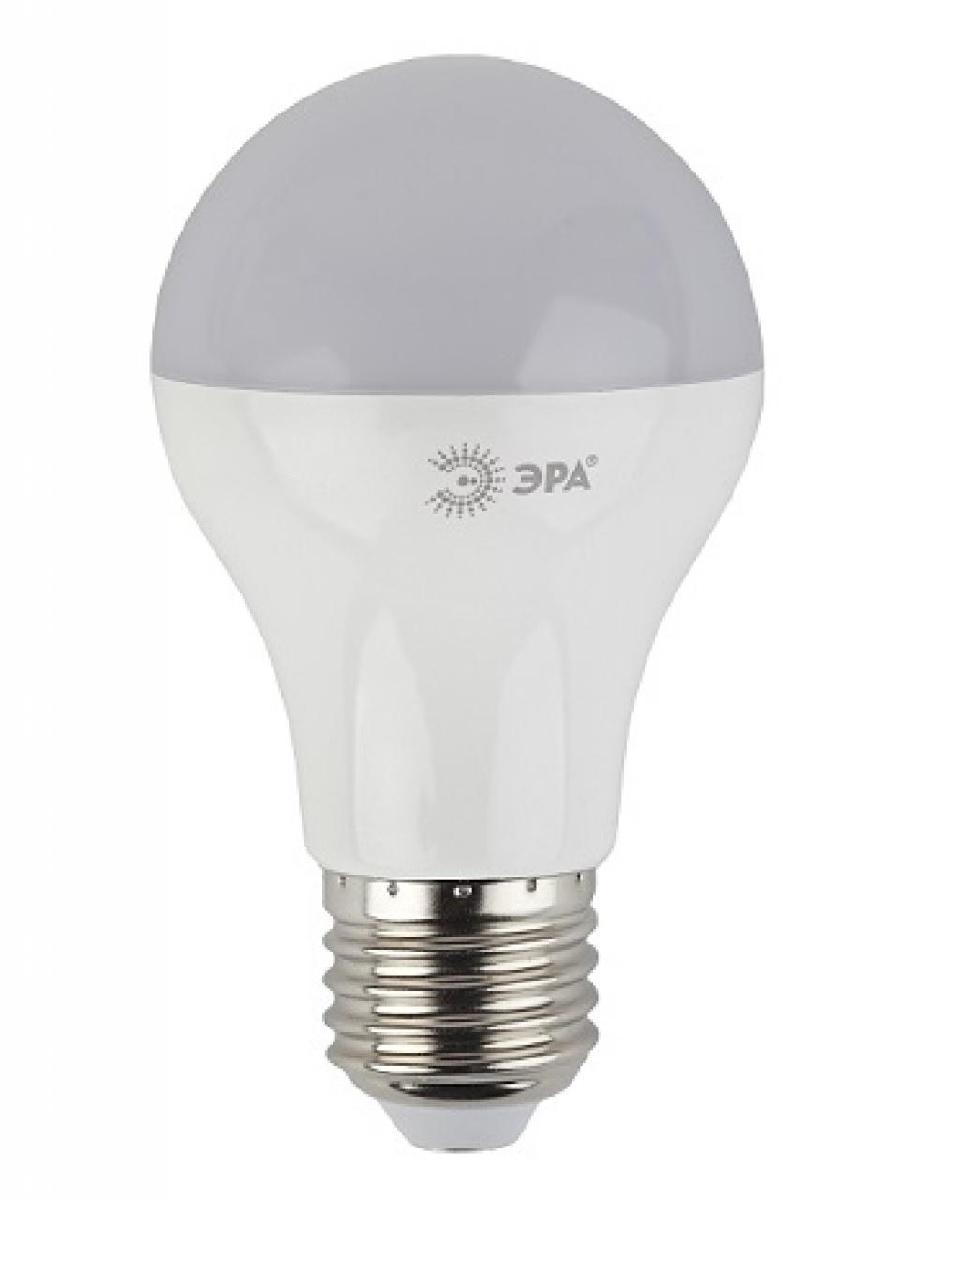 Лампа светодиодная ЭРА, цоколь E27, 170-265V, 8W, 2700К5055945503012Светодиодная лампа ЭРА является самым перспективным источником света. Основным преимуществом данного источника света является длительный срок службы и очень низкое энергопотребление, так, например, по сравнению с обычной лампой накаливания светодиодная лампа служит в среднем в 50 раз дольше и потребляет в 10-15 раз меньше электроэнергии. При этом светодиодная лампа практически не подвержена механическому воздействию из-за прочной конструкции и позволяет получить любой цвет светового потока, что, несомненно, расширяет возможности применения и позволяет создавать новые решения в области освещения. Особенности серии A60: Лампочки лучшие в соотношении цена-качество Представлена широкая линейка, наличие всех типов цоколей ламп бытового сегмента Световая отдача - 90-100 лм/Вт Гарантия - 2 года Совместимы с выключателями с подсветкой.